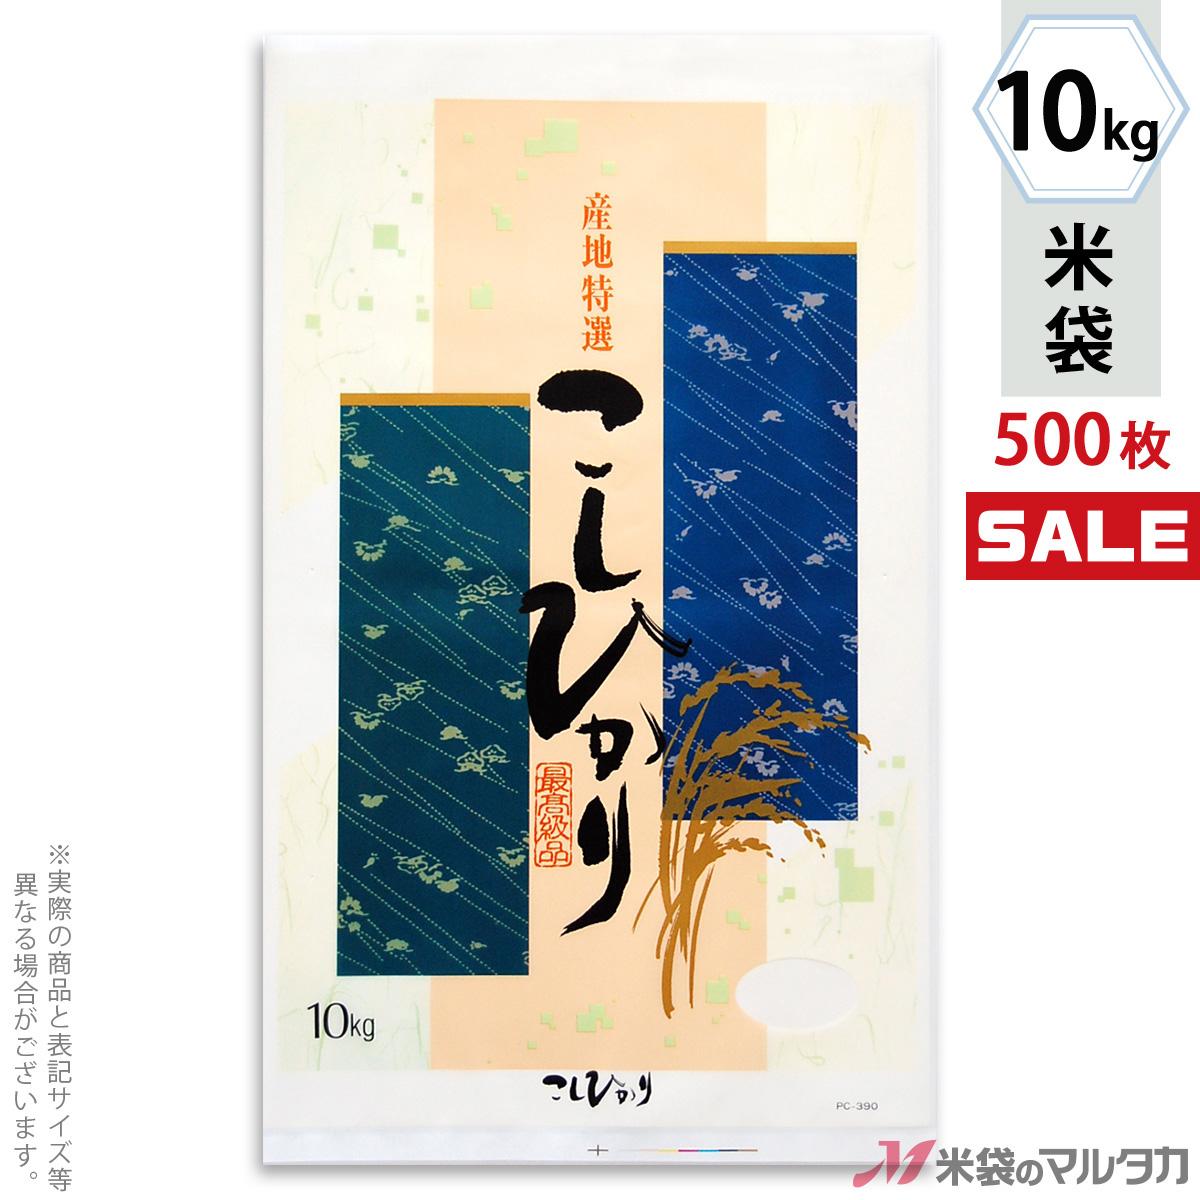 <キャンペーン対応>米袋 ポリコート こしひかり 風舞 10kg 1ケース(500枚入) PC-0390